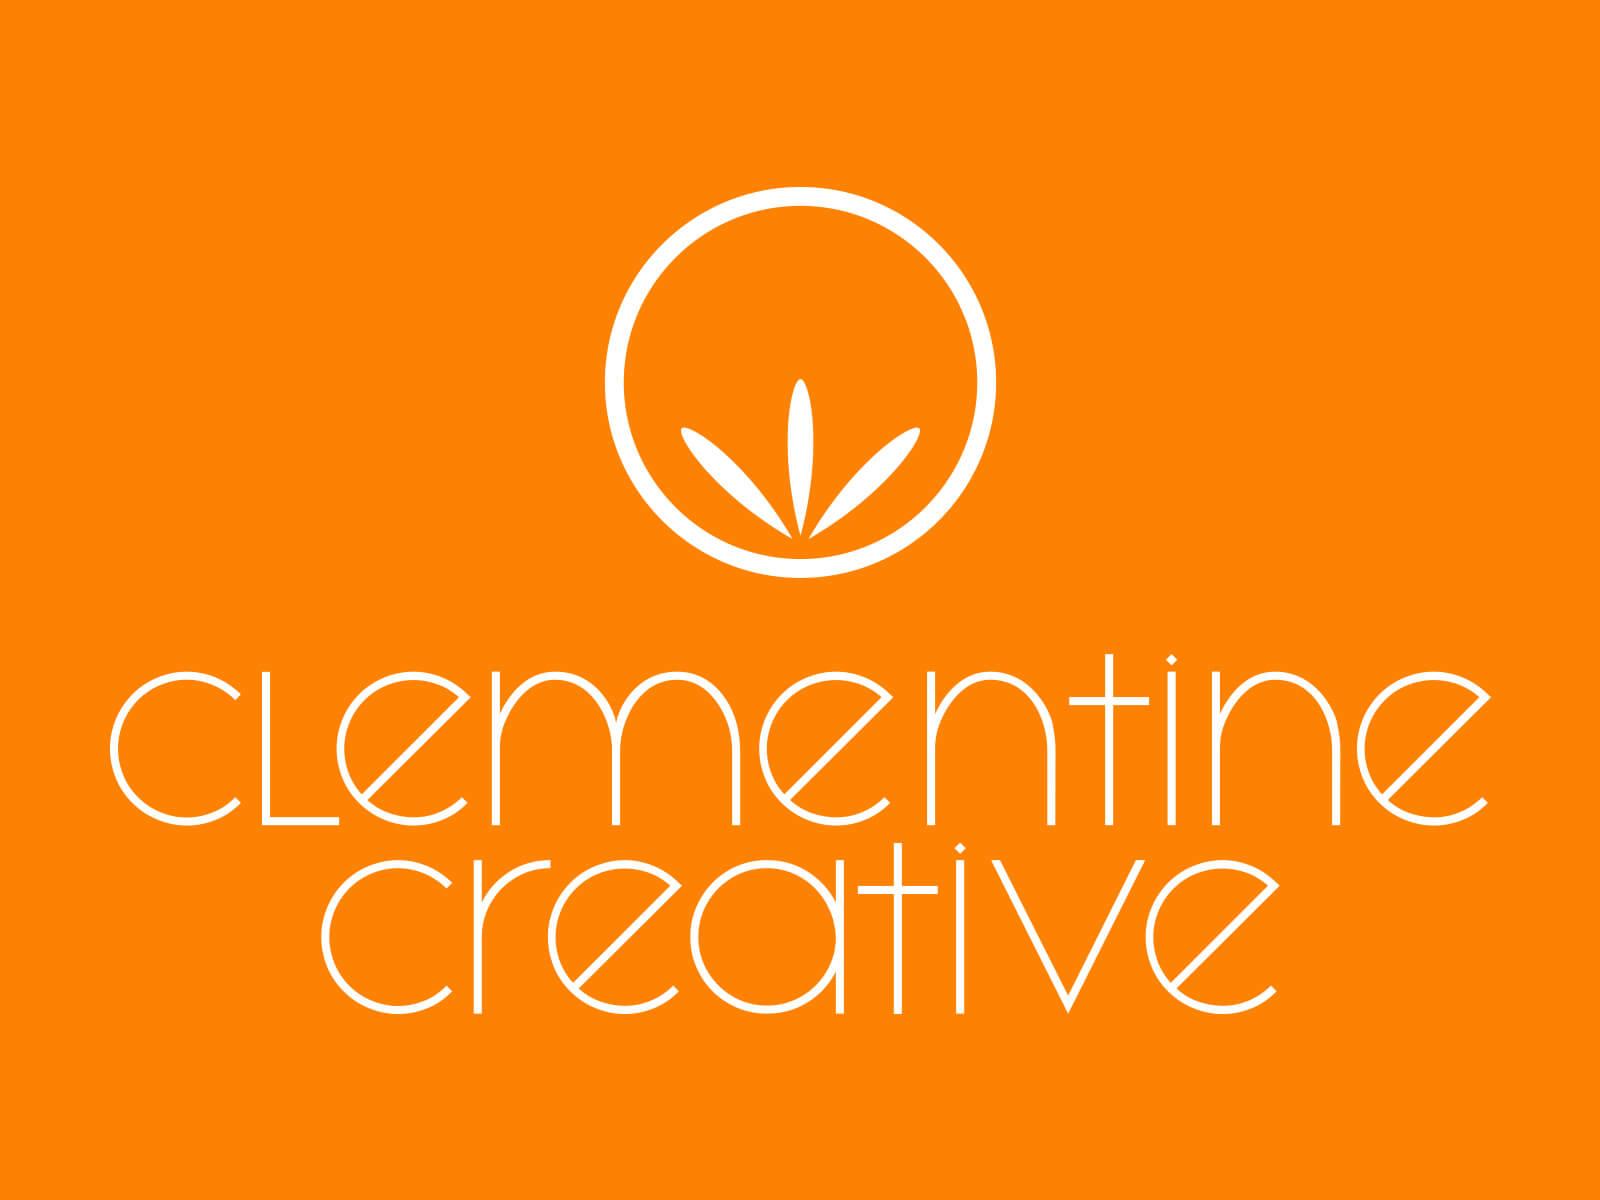 Clementine Showcase